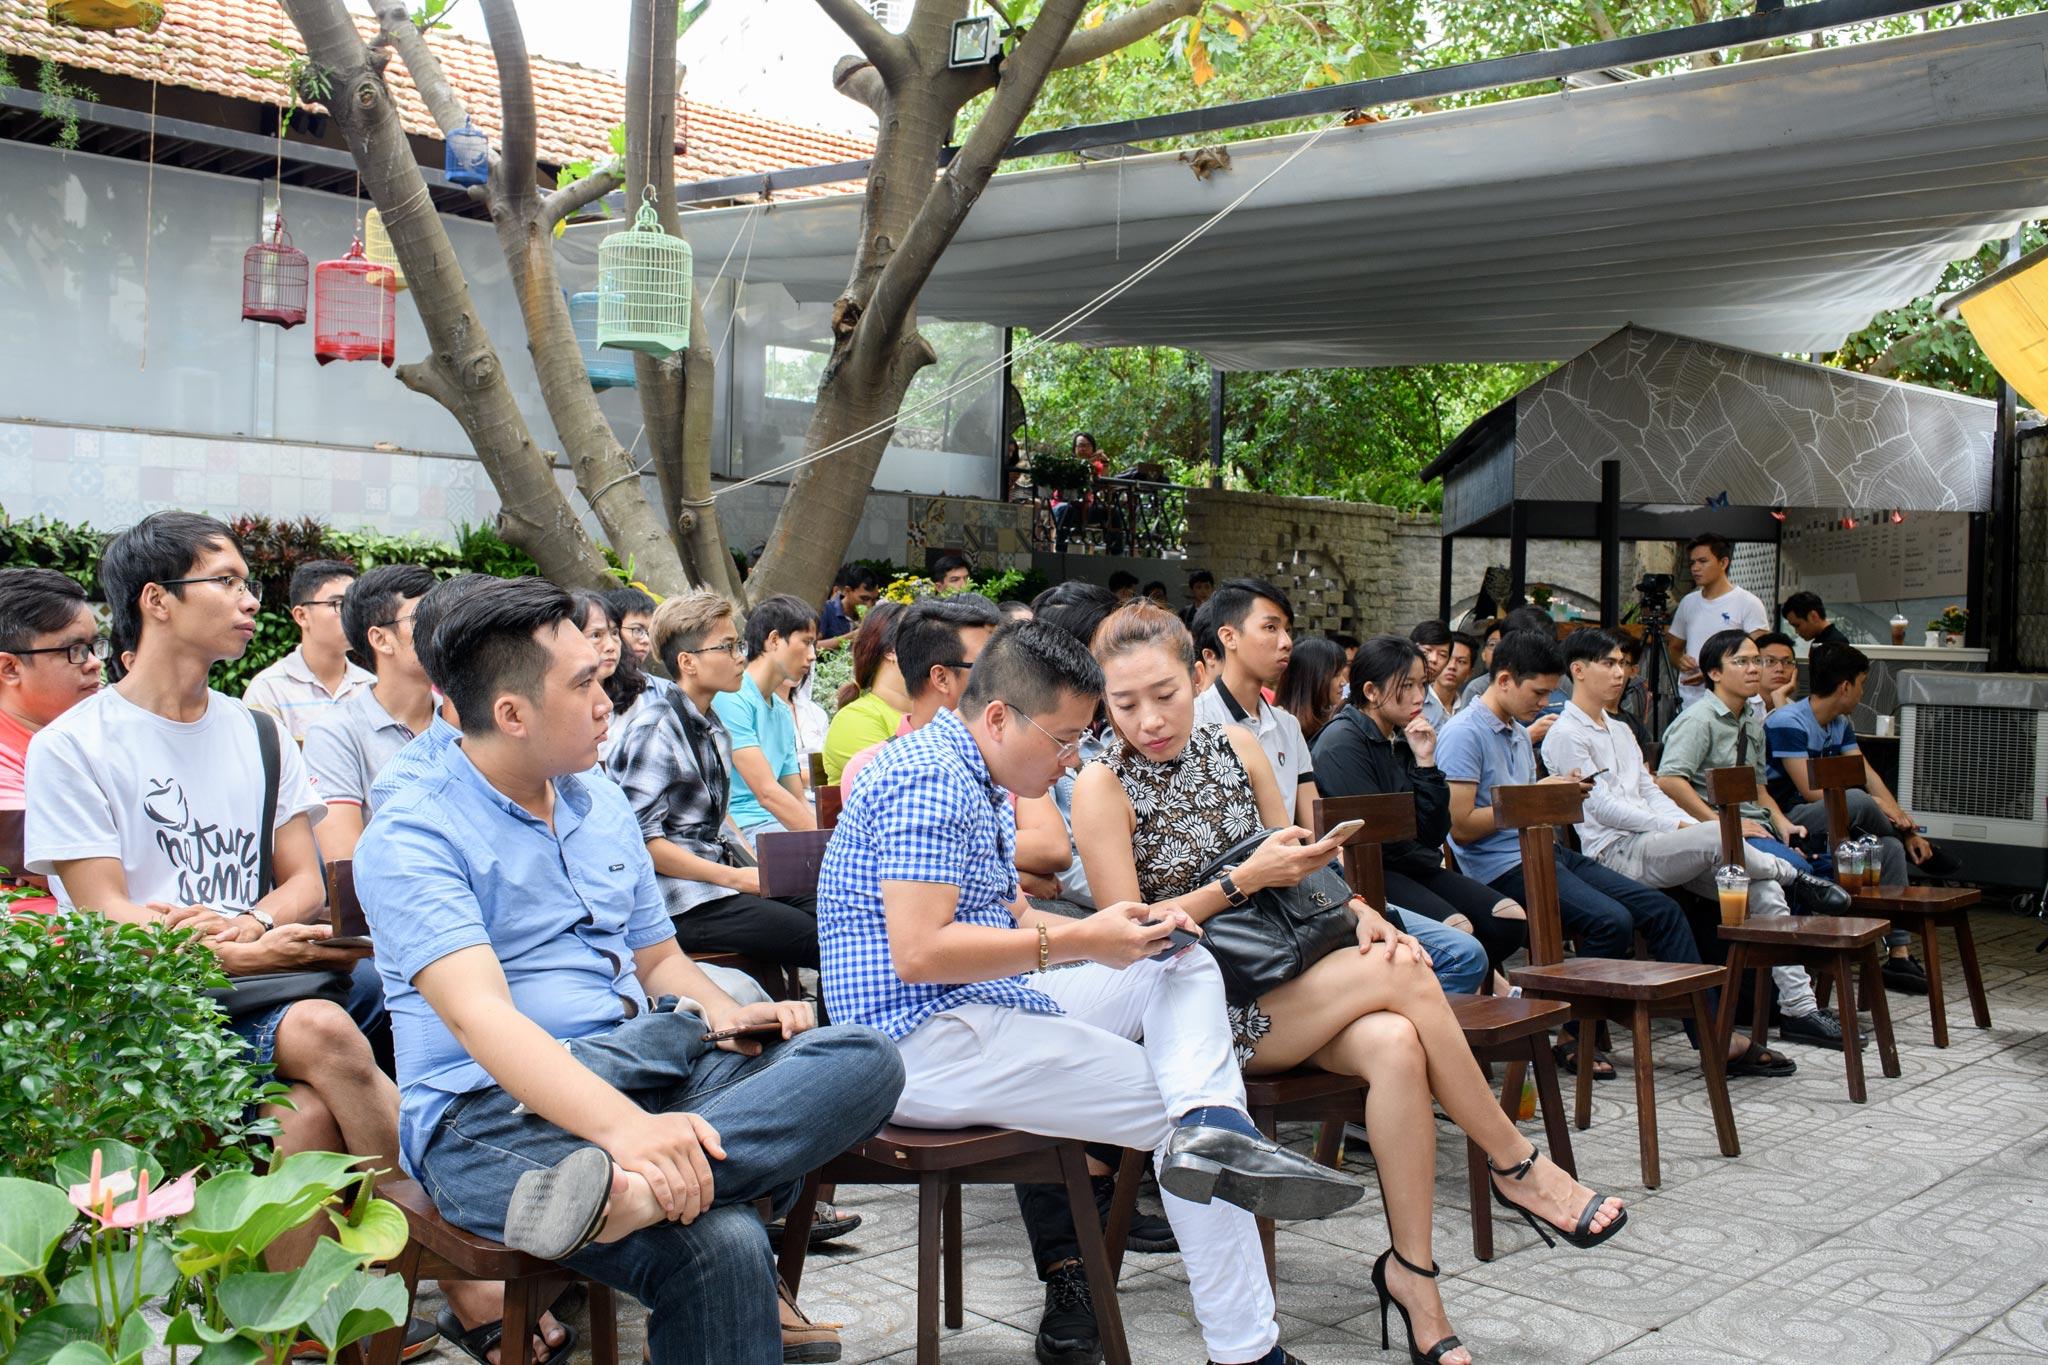 Chup_anh_khong_kho_camera.tinhte.vn_33.jpg